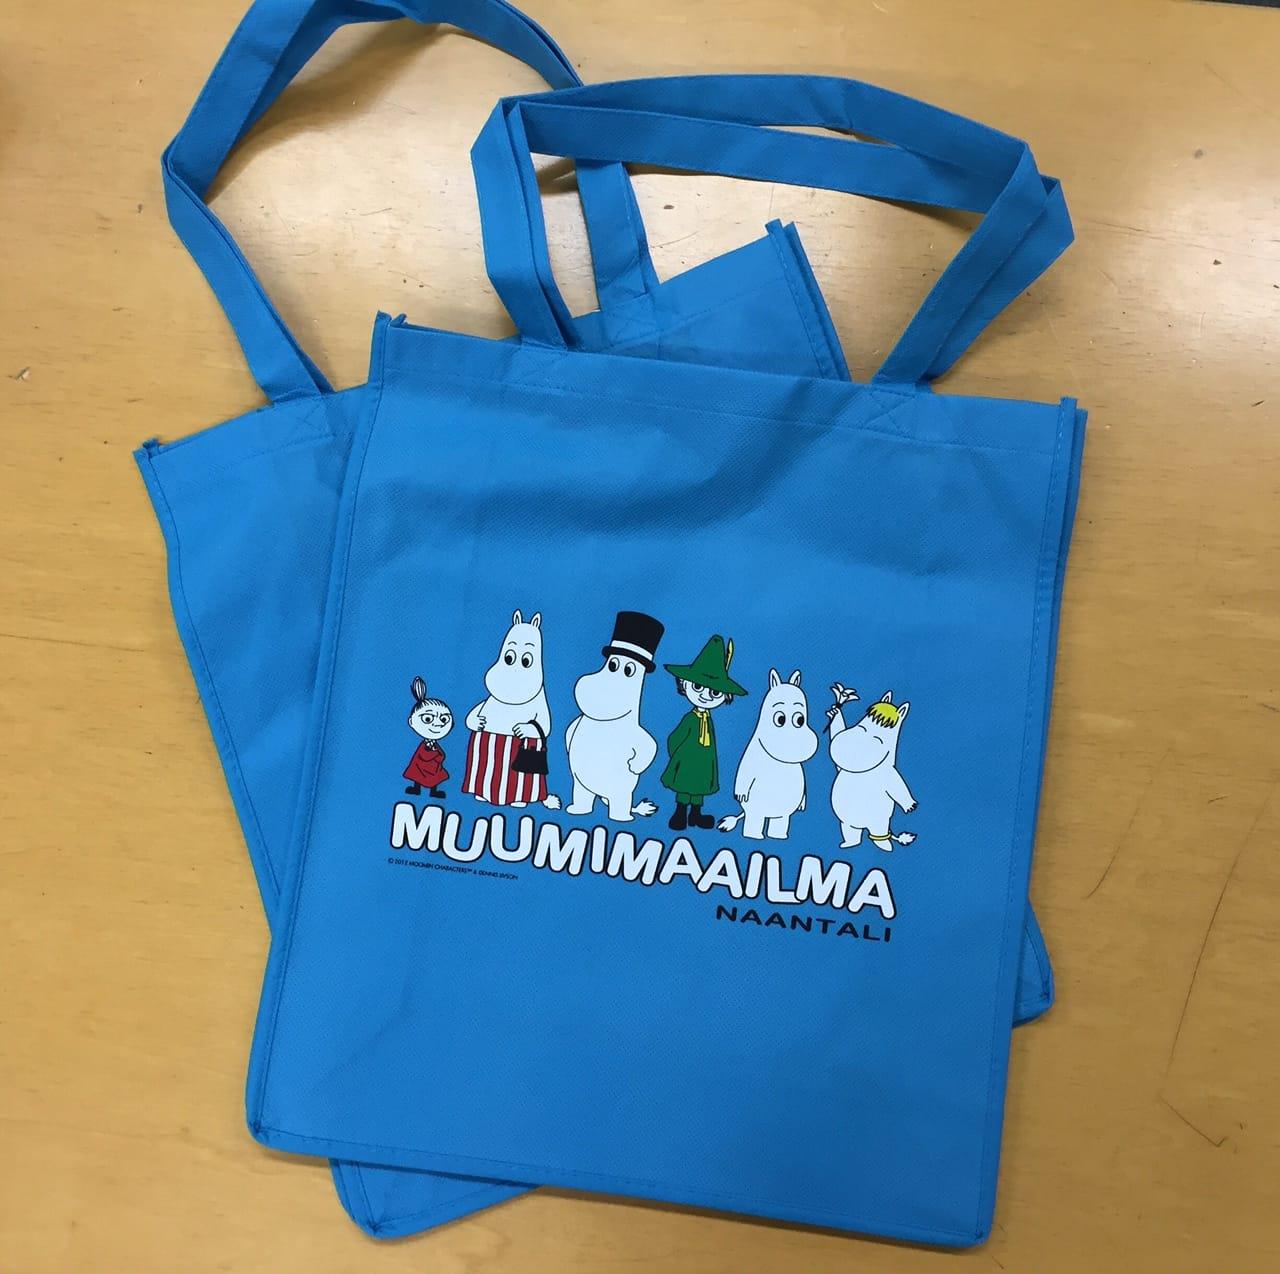 moominworld_shoppingbag